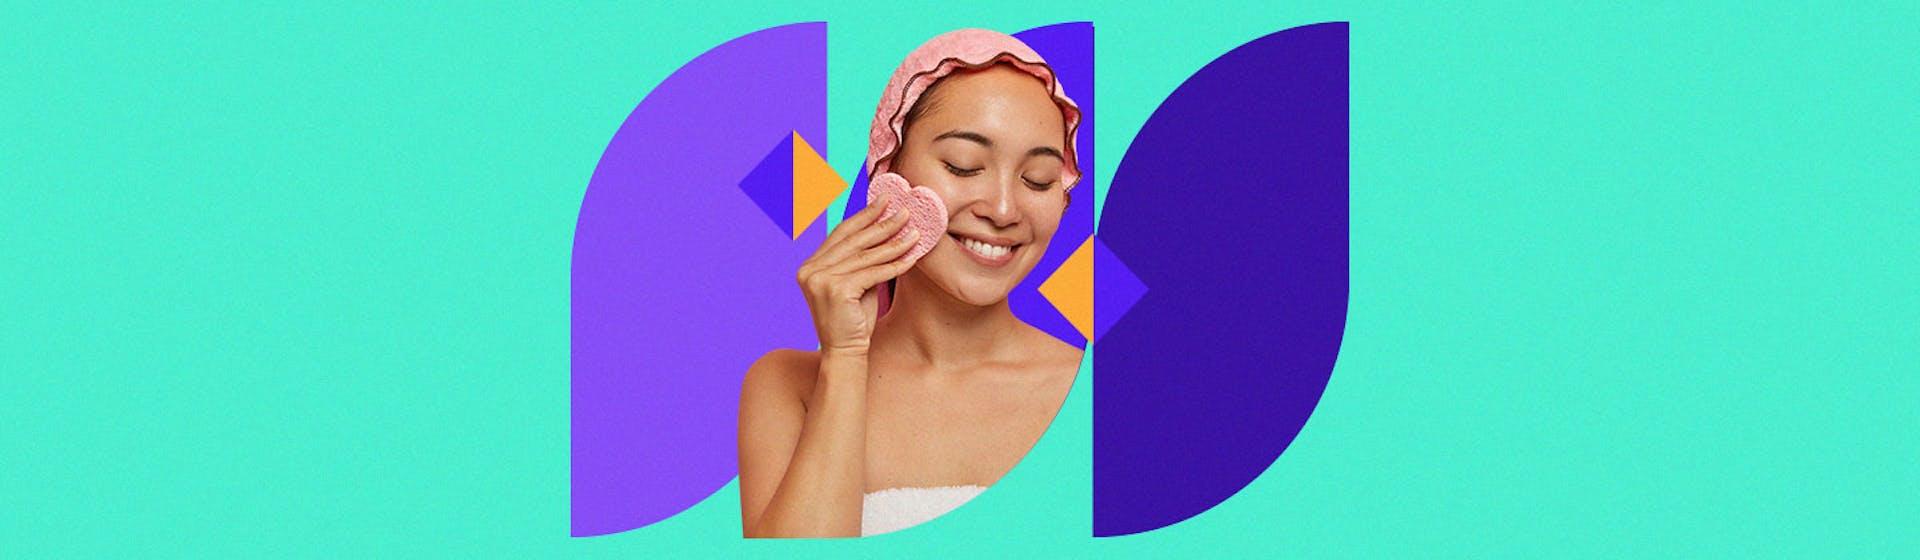 ¿Cómo hacer una limpieza facial profunda? Tips para lograr un rostro limpio y saludable.